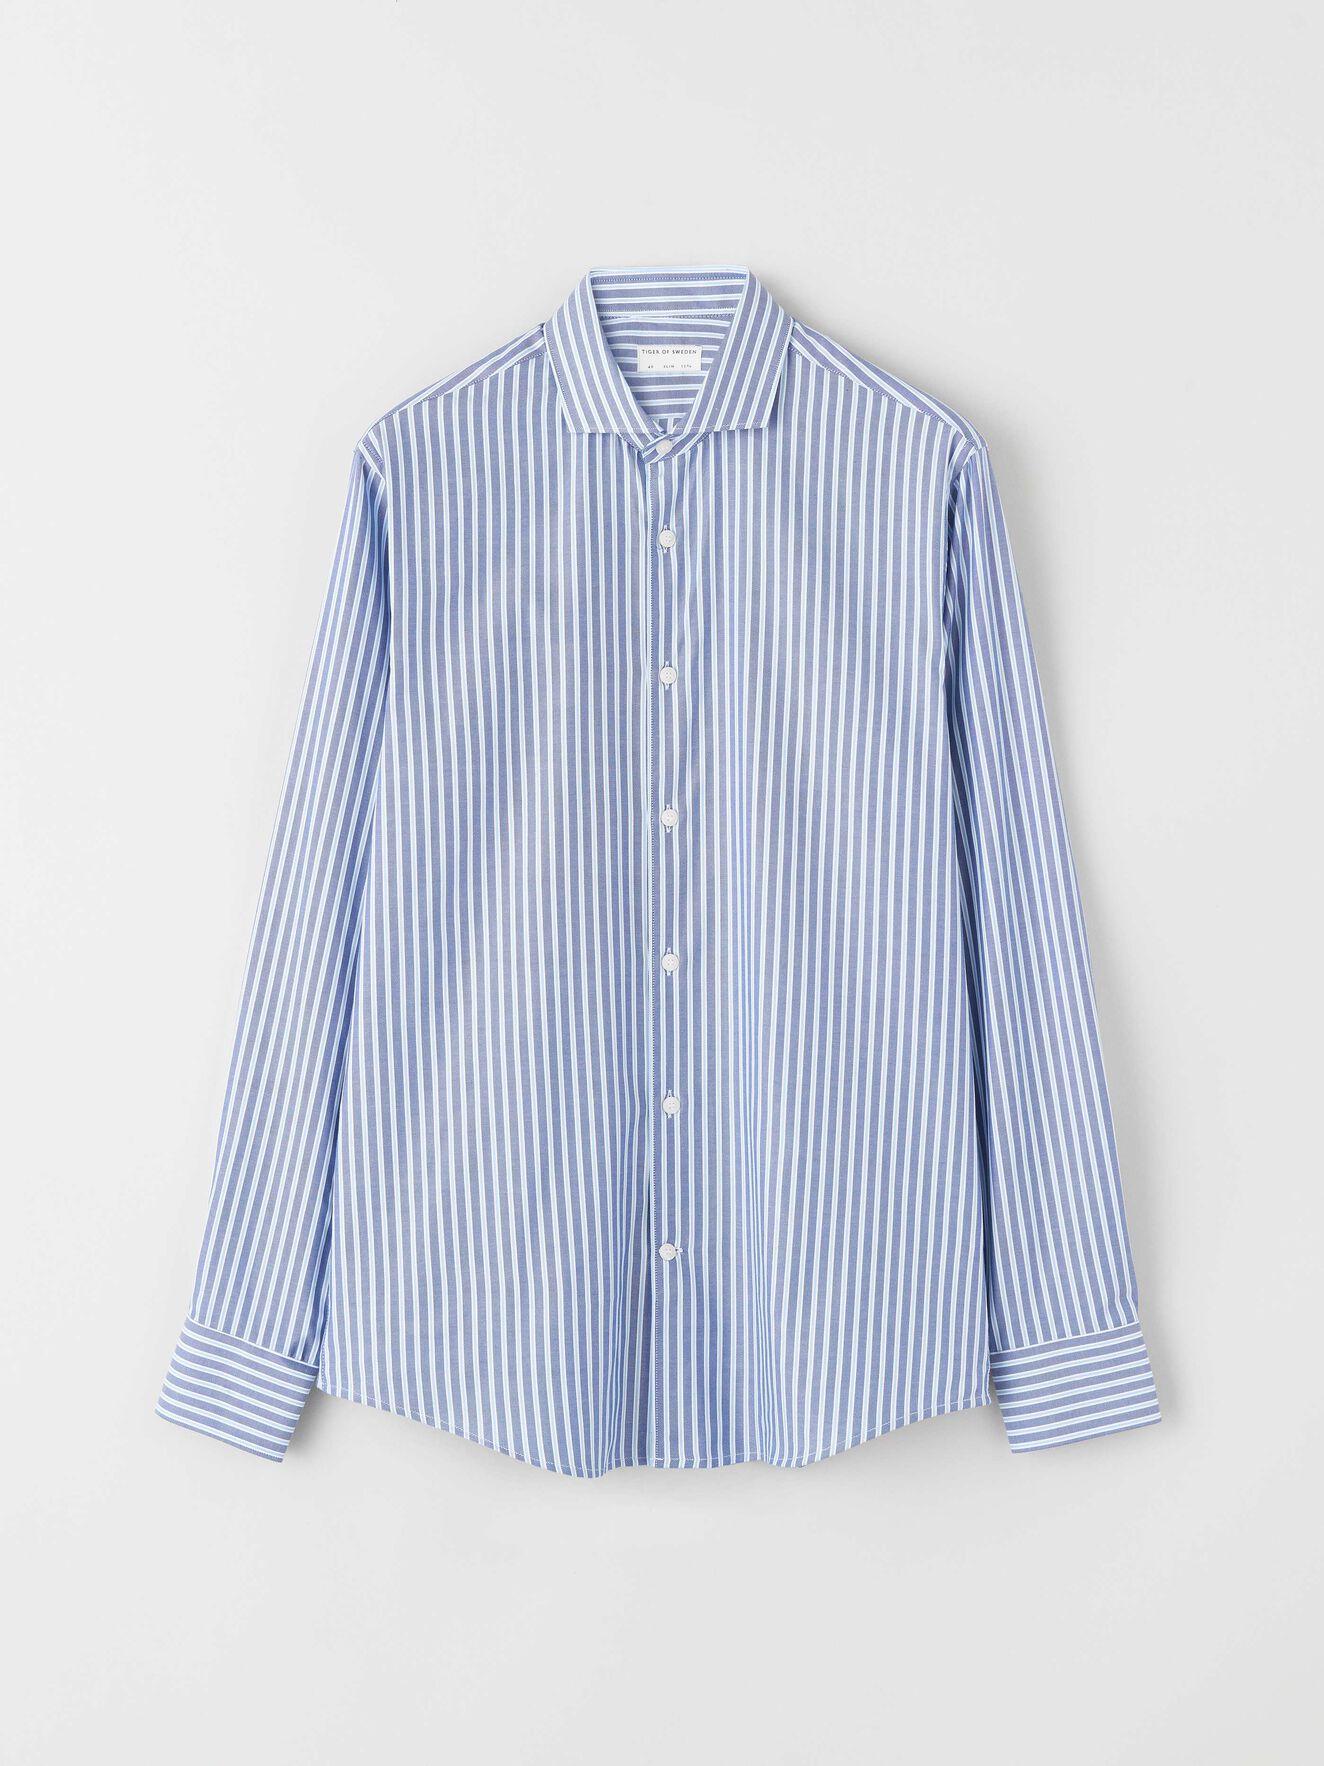 6880760d Skjortor - se alla kort- och långärmade skjortor online på Tiger of ...